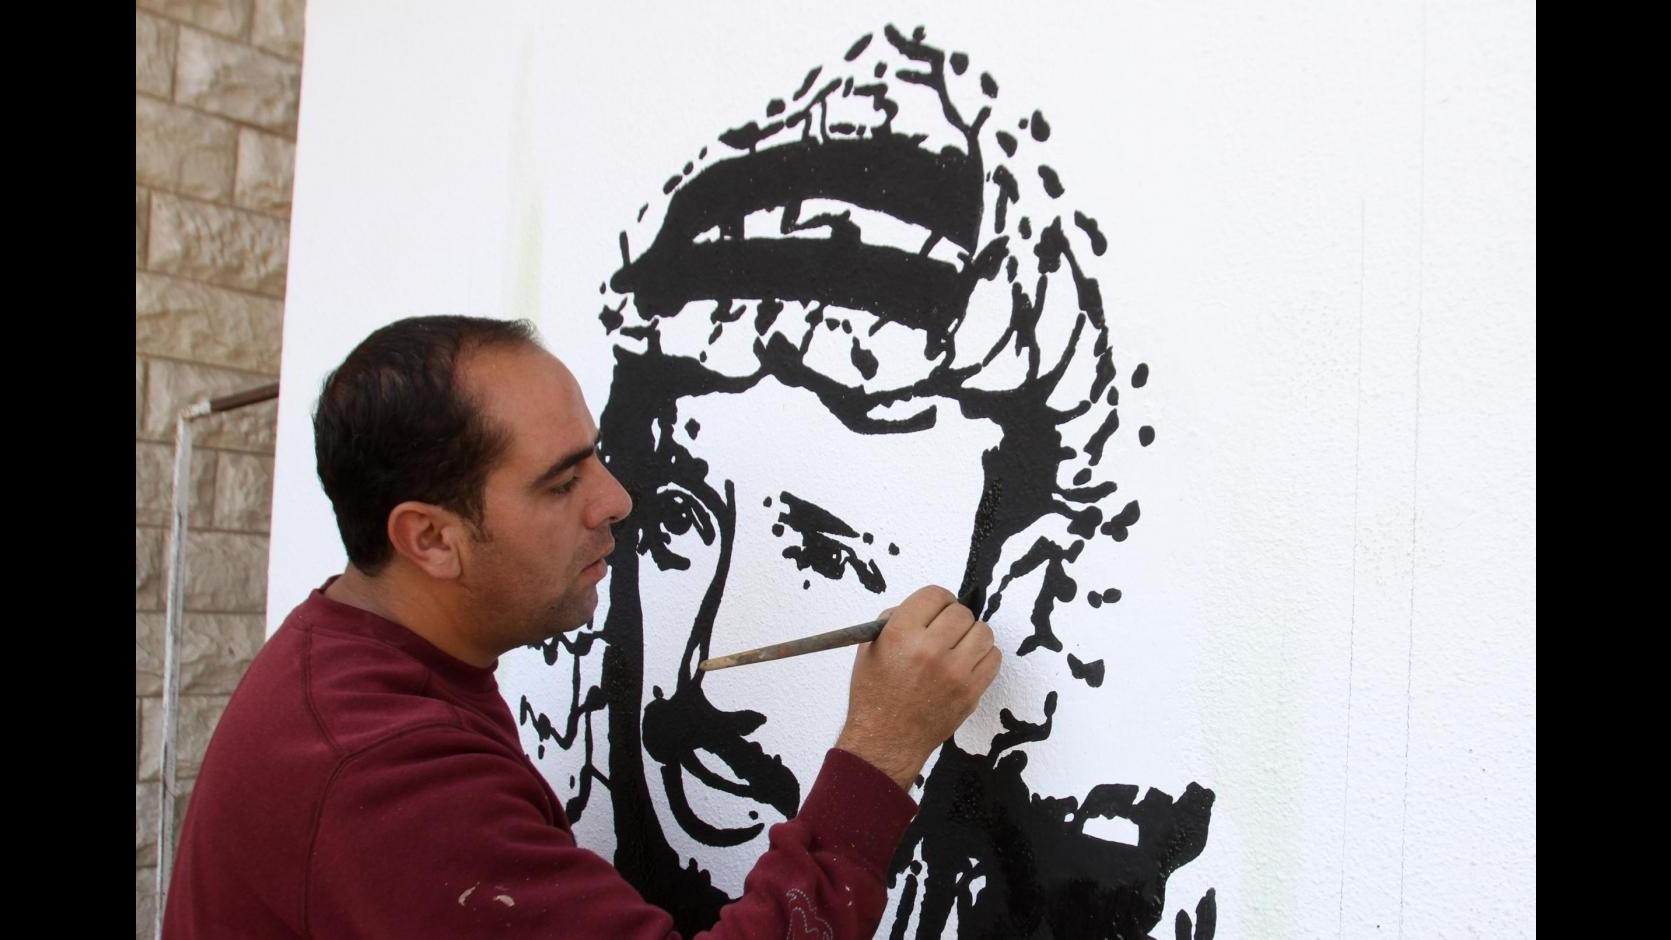 Medioriente, 10 anni fa moriva Arafat: i fatti da allora a oggi